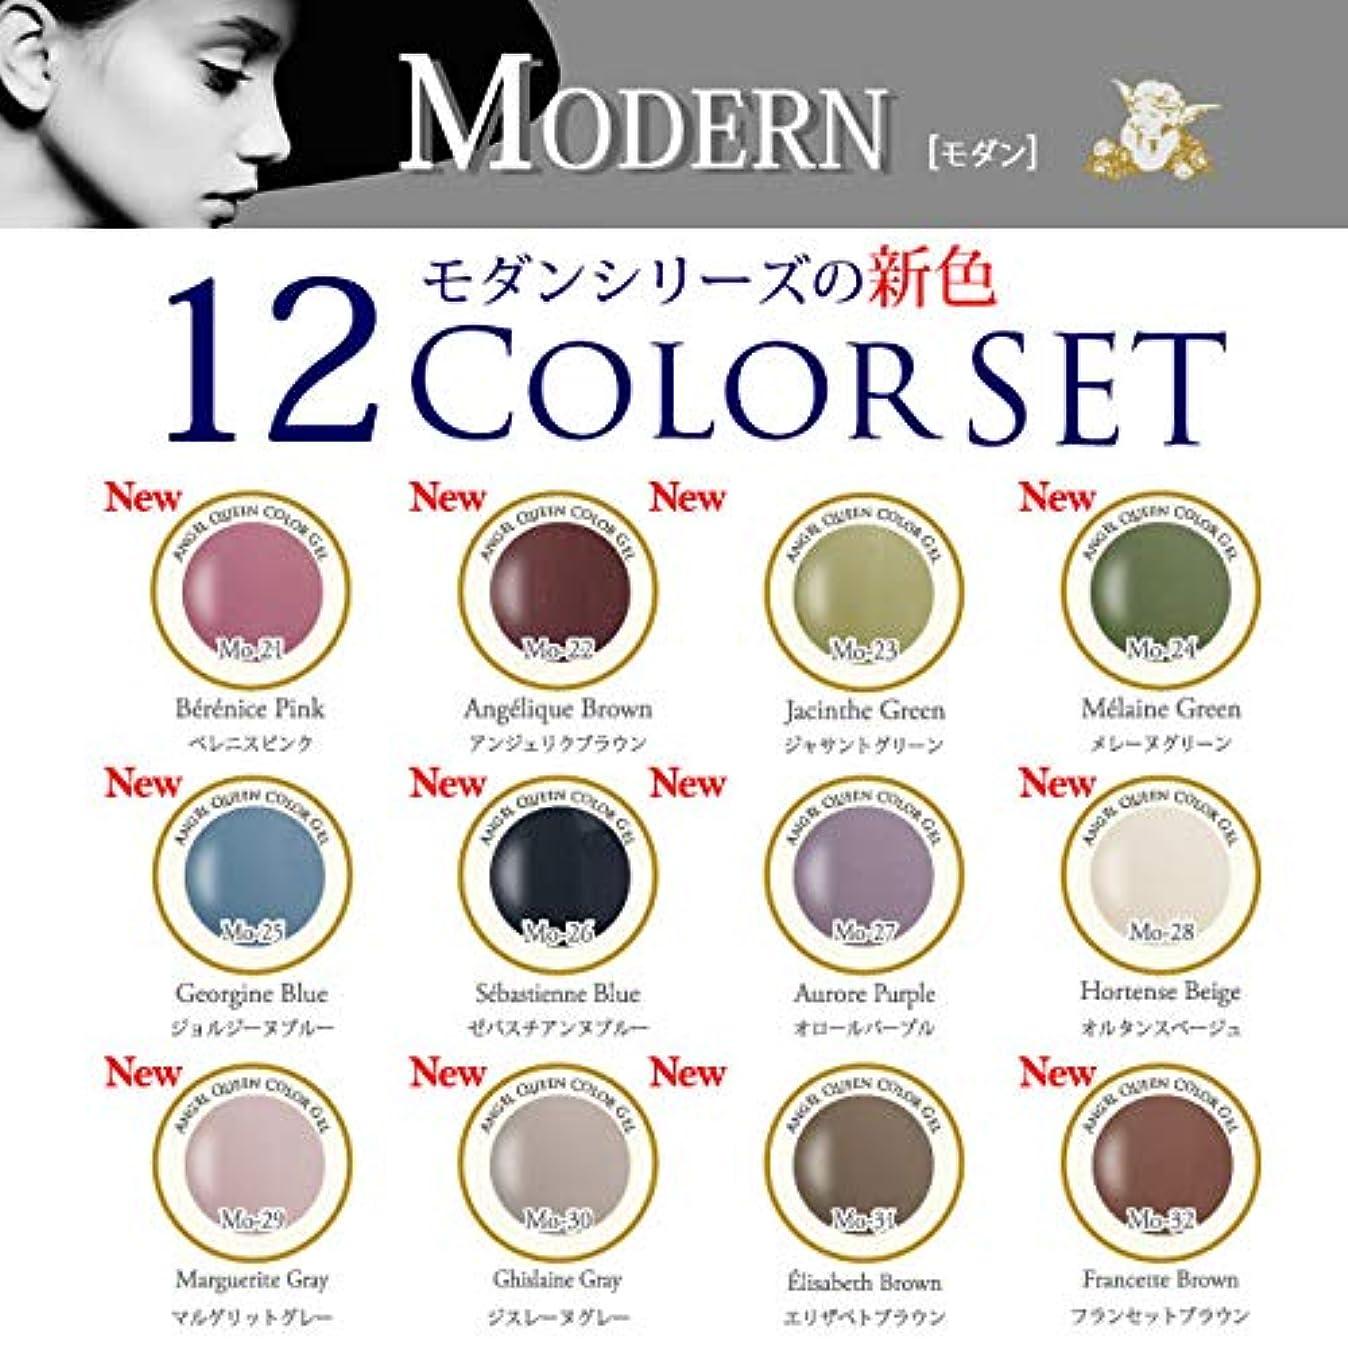 細胞本土とても多くの【期間限定商品】クィーンカラージェル 新色モダン12色セット